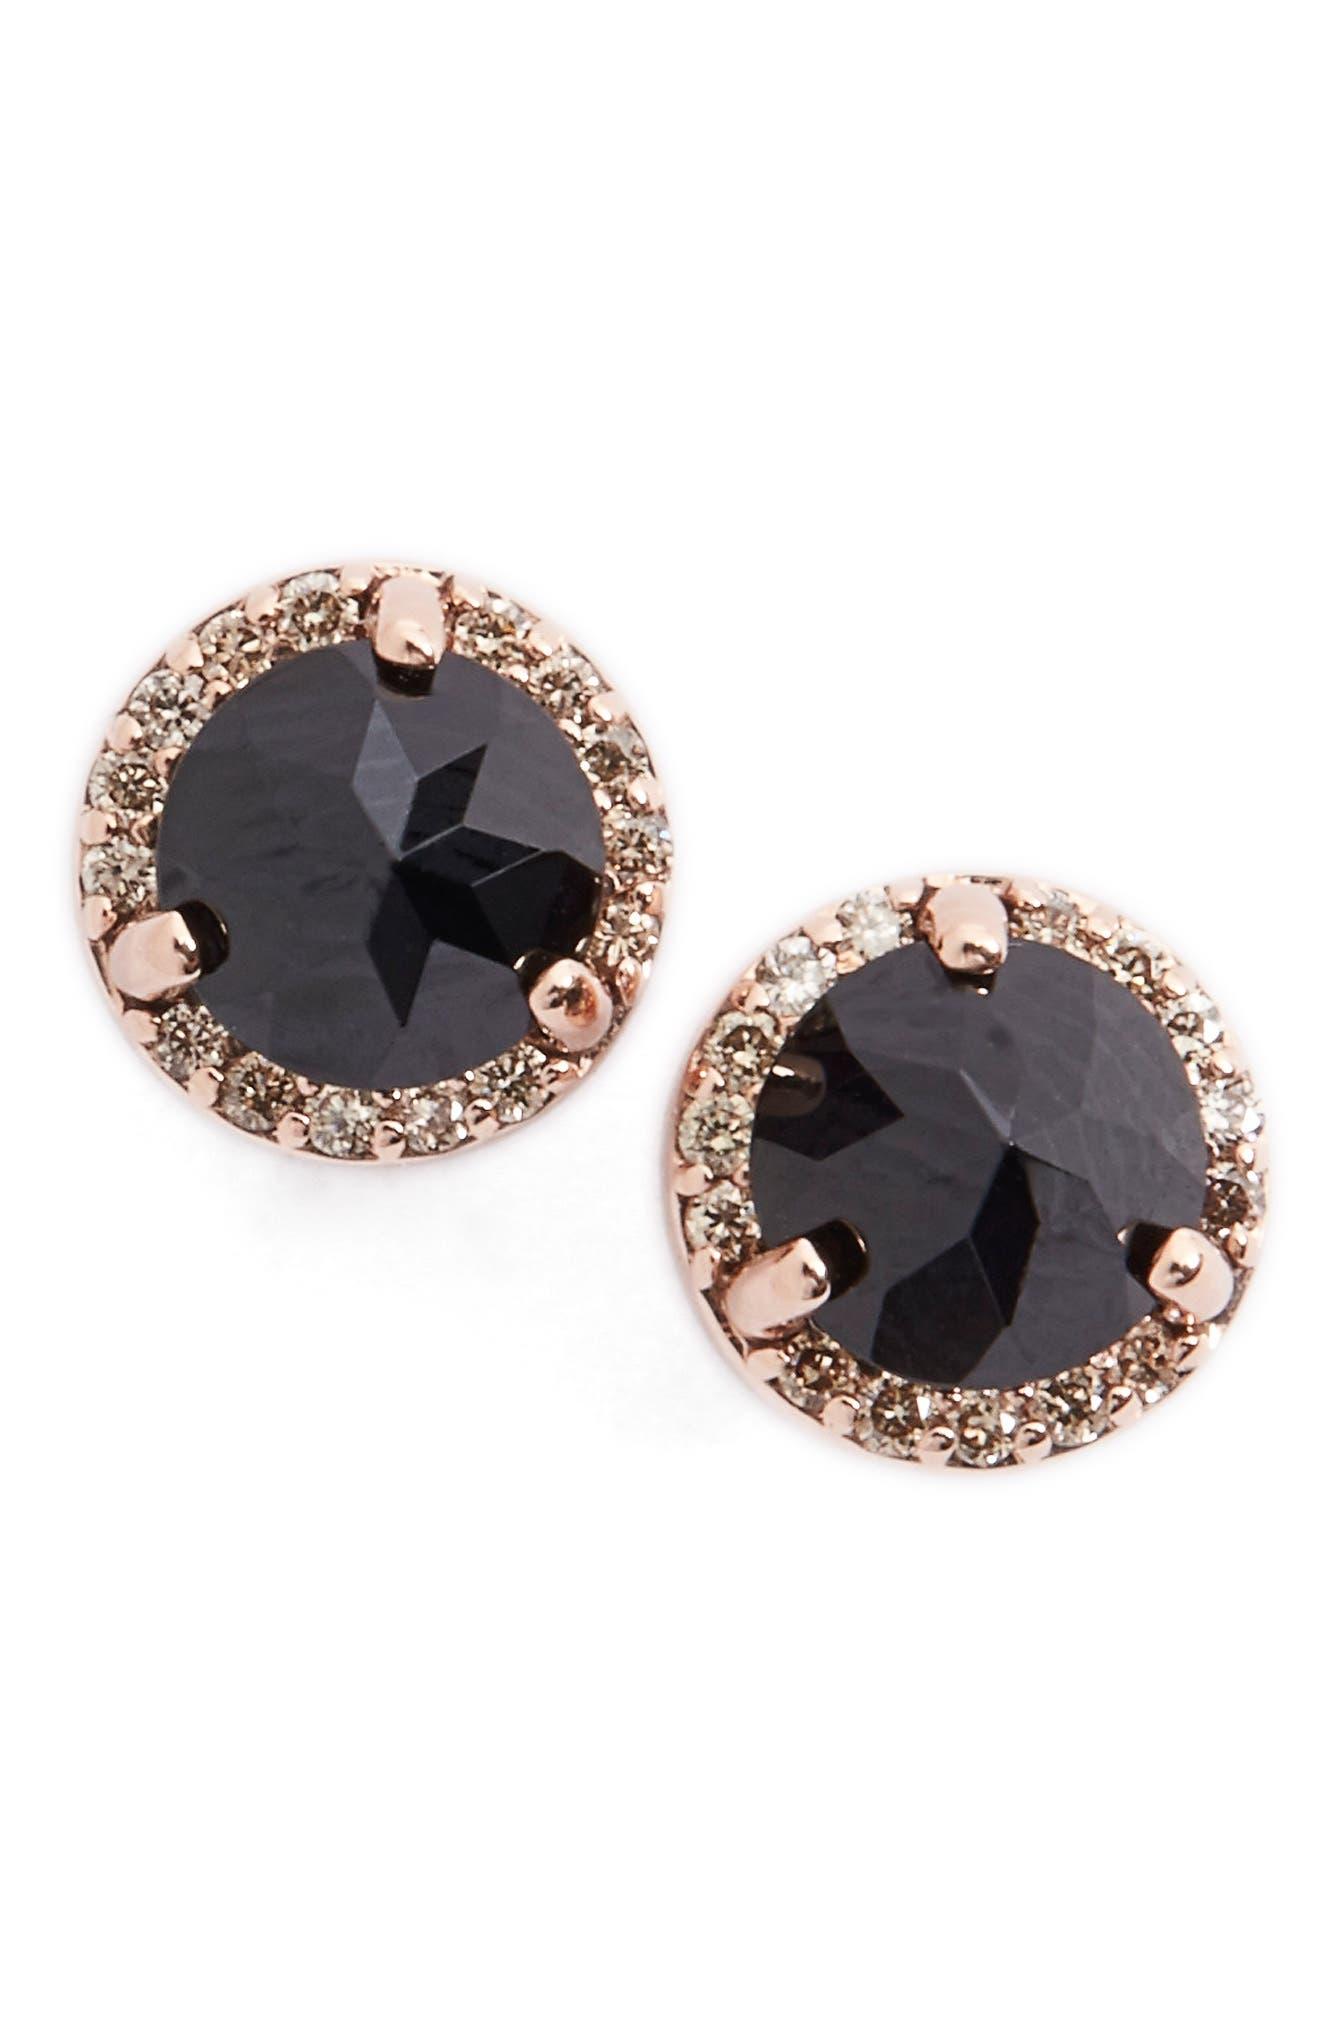 Black Spinel& ChampagneDiamond Rosette Stud Earrings,                         Main,                         color, 001